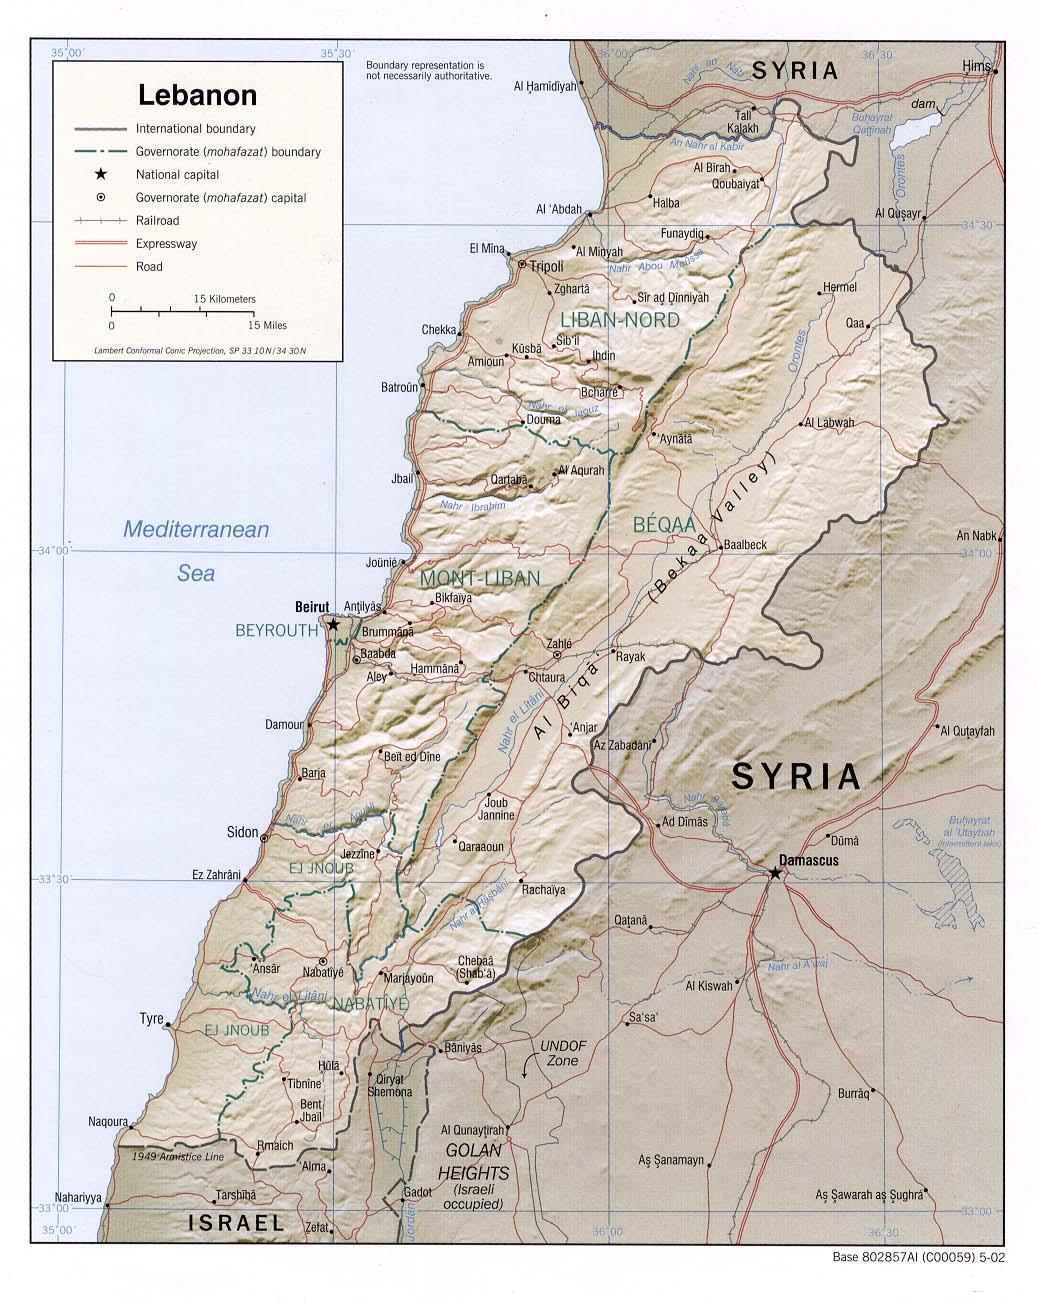 Mapa de Relieve Sombreado de Líbano